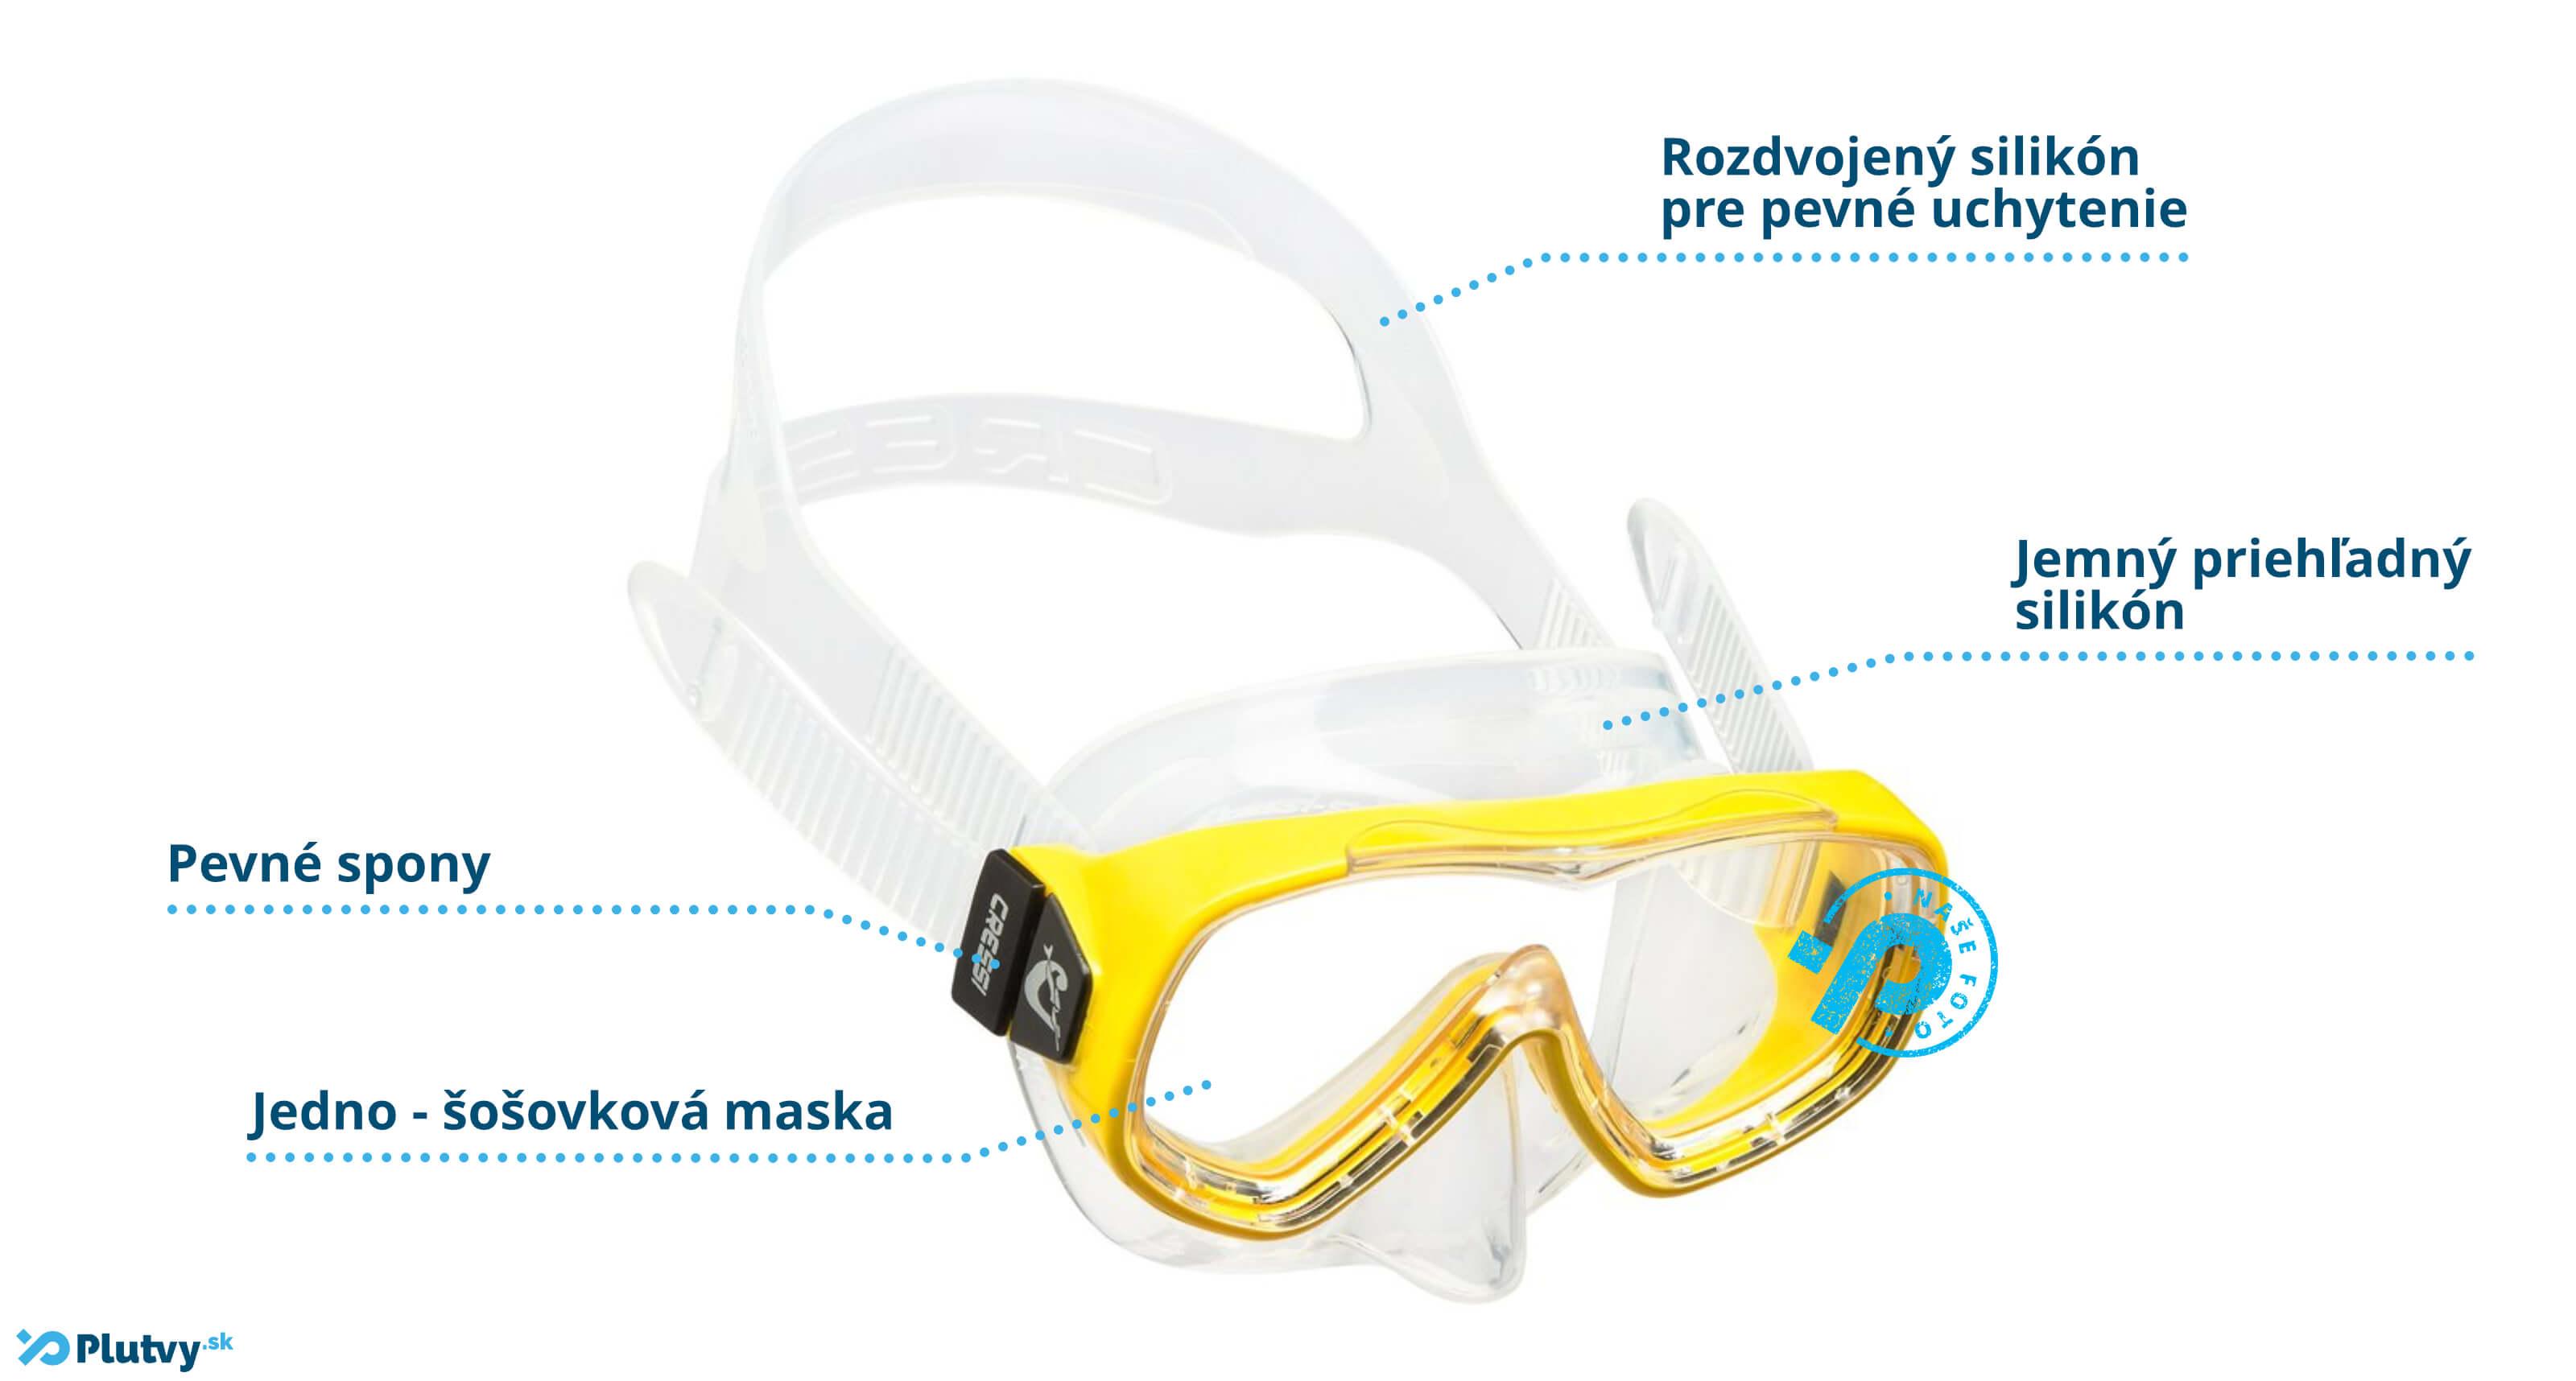 Detské potápačské okuliare Piumetta Junior, lacné na Plutvy.sk